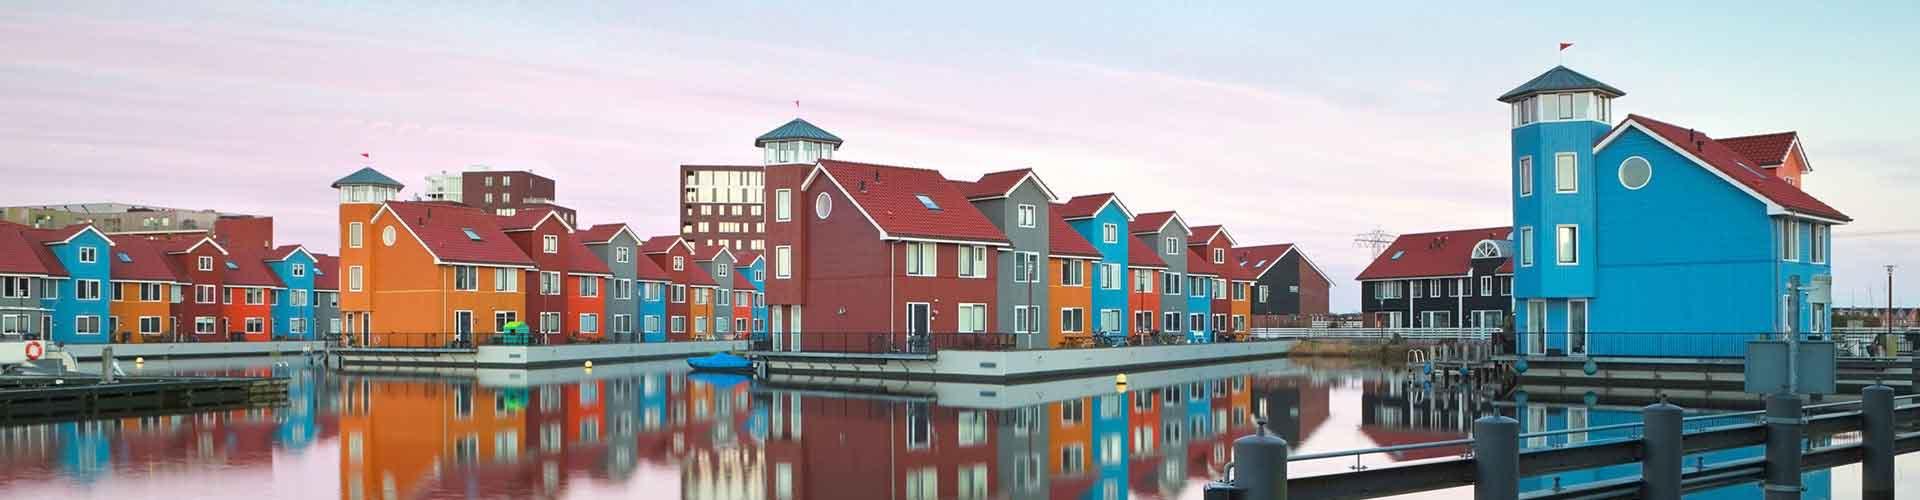 Groningen - Auberges de jeunesse à Groningen. Cartes pour Groningen, photos et commentaires pour chaque auberge de jeunesse à Groningen.